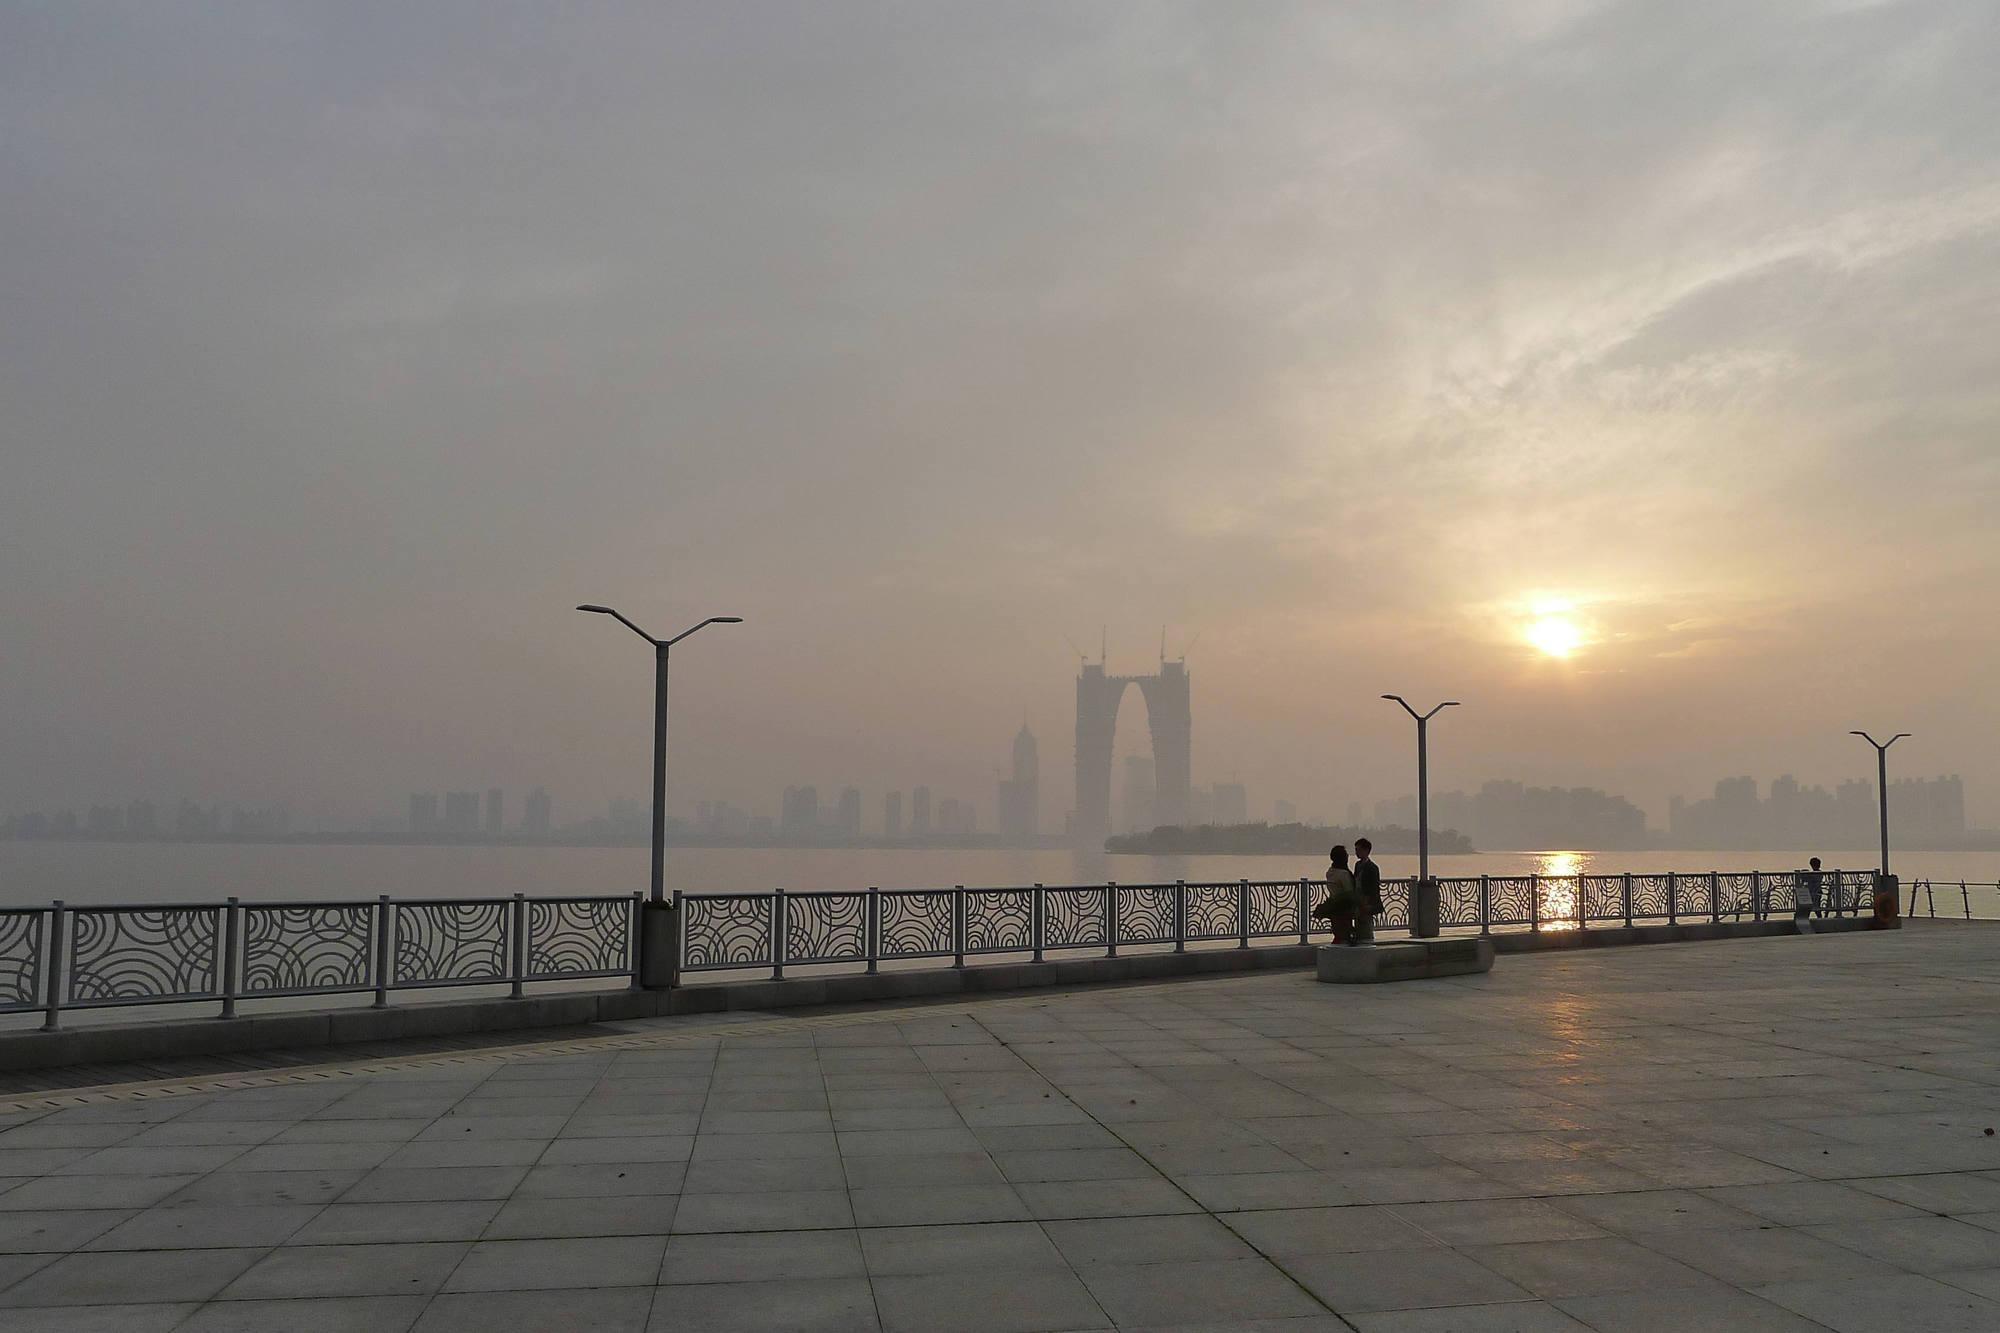 君子兰作品:情定金鸡湖